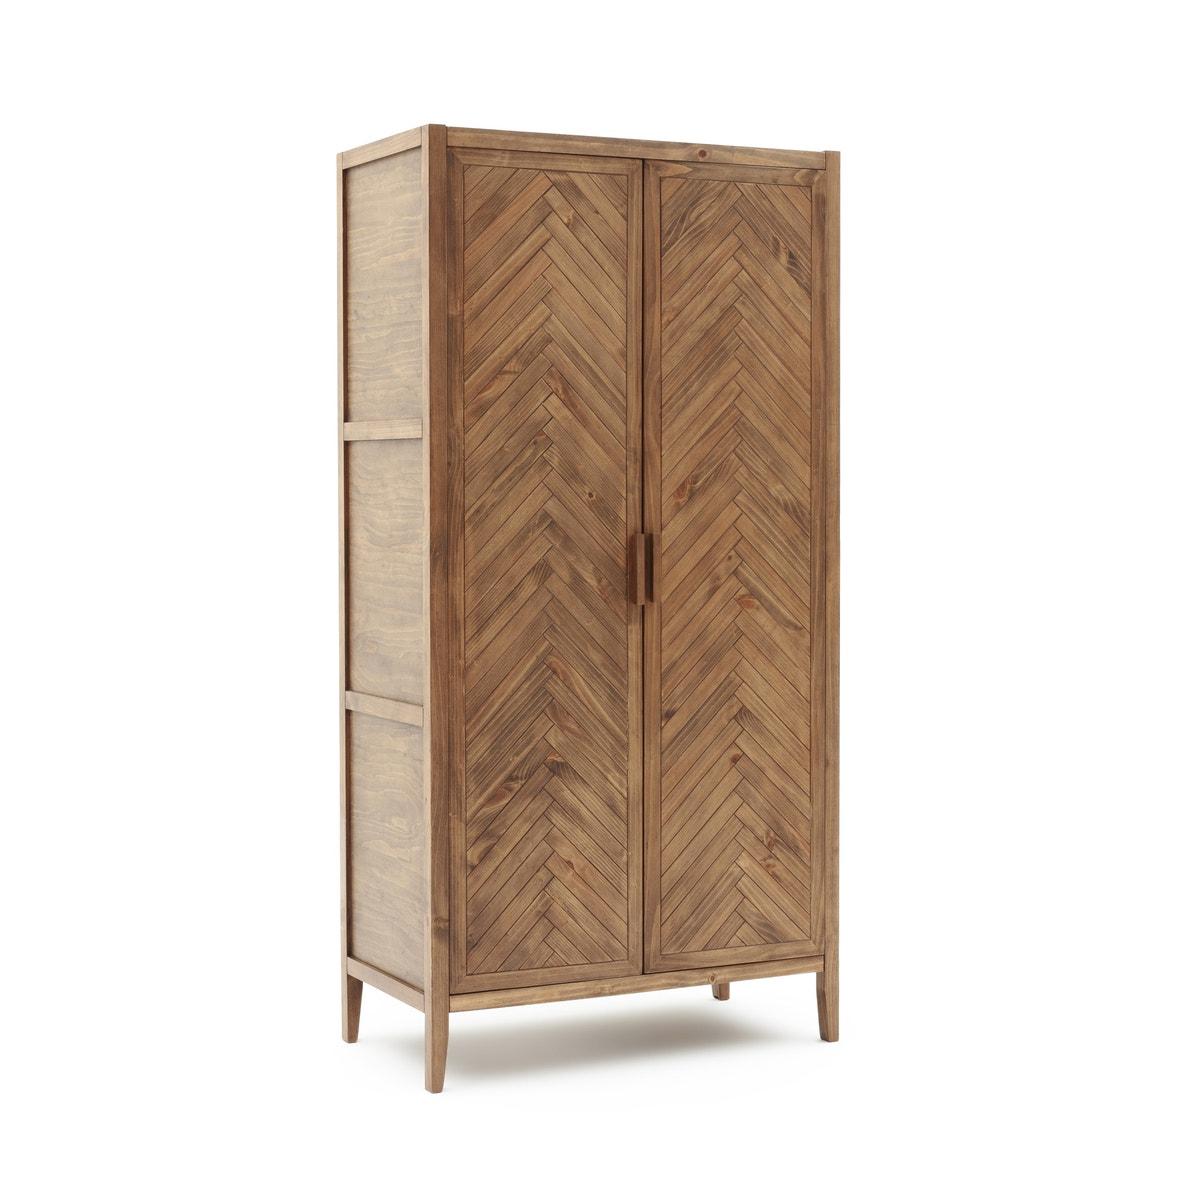 Ντουλάπα με 2 πόρτες από μασίφ ξύλο πεύκου, NOTTINGHAM